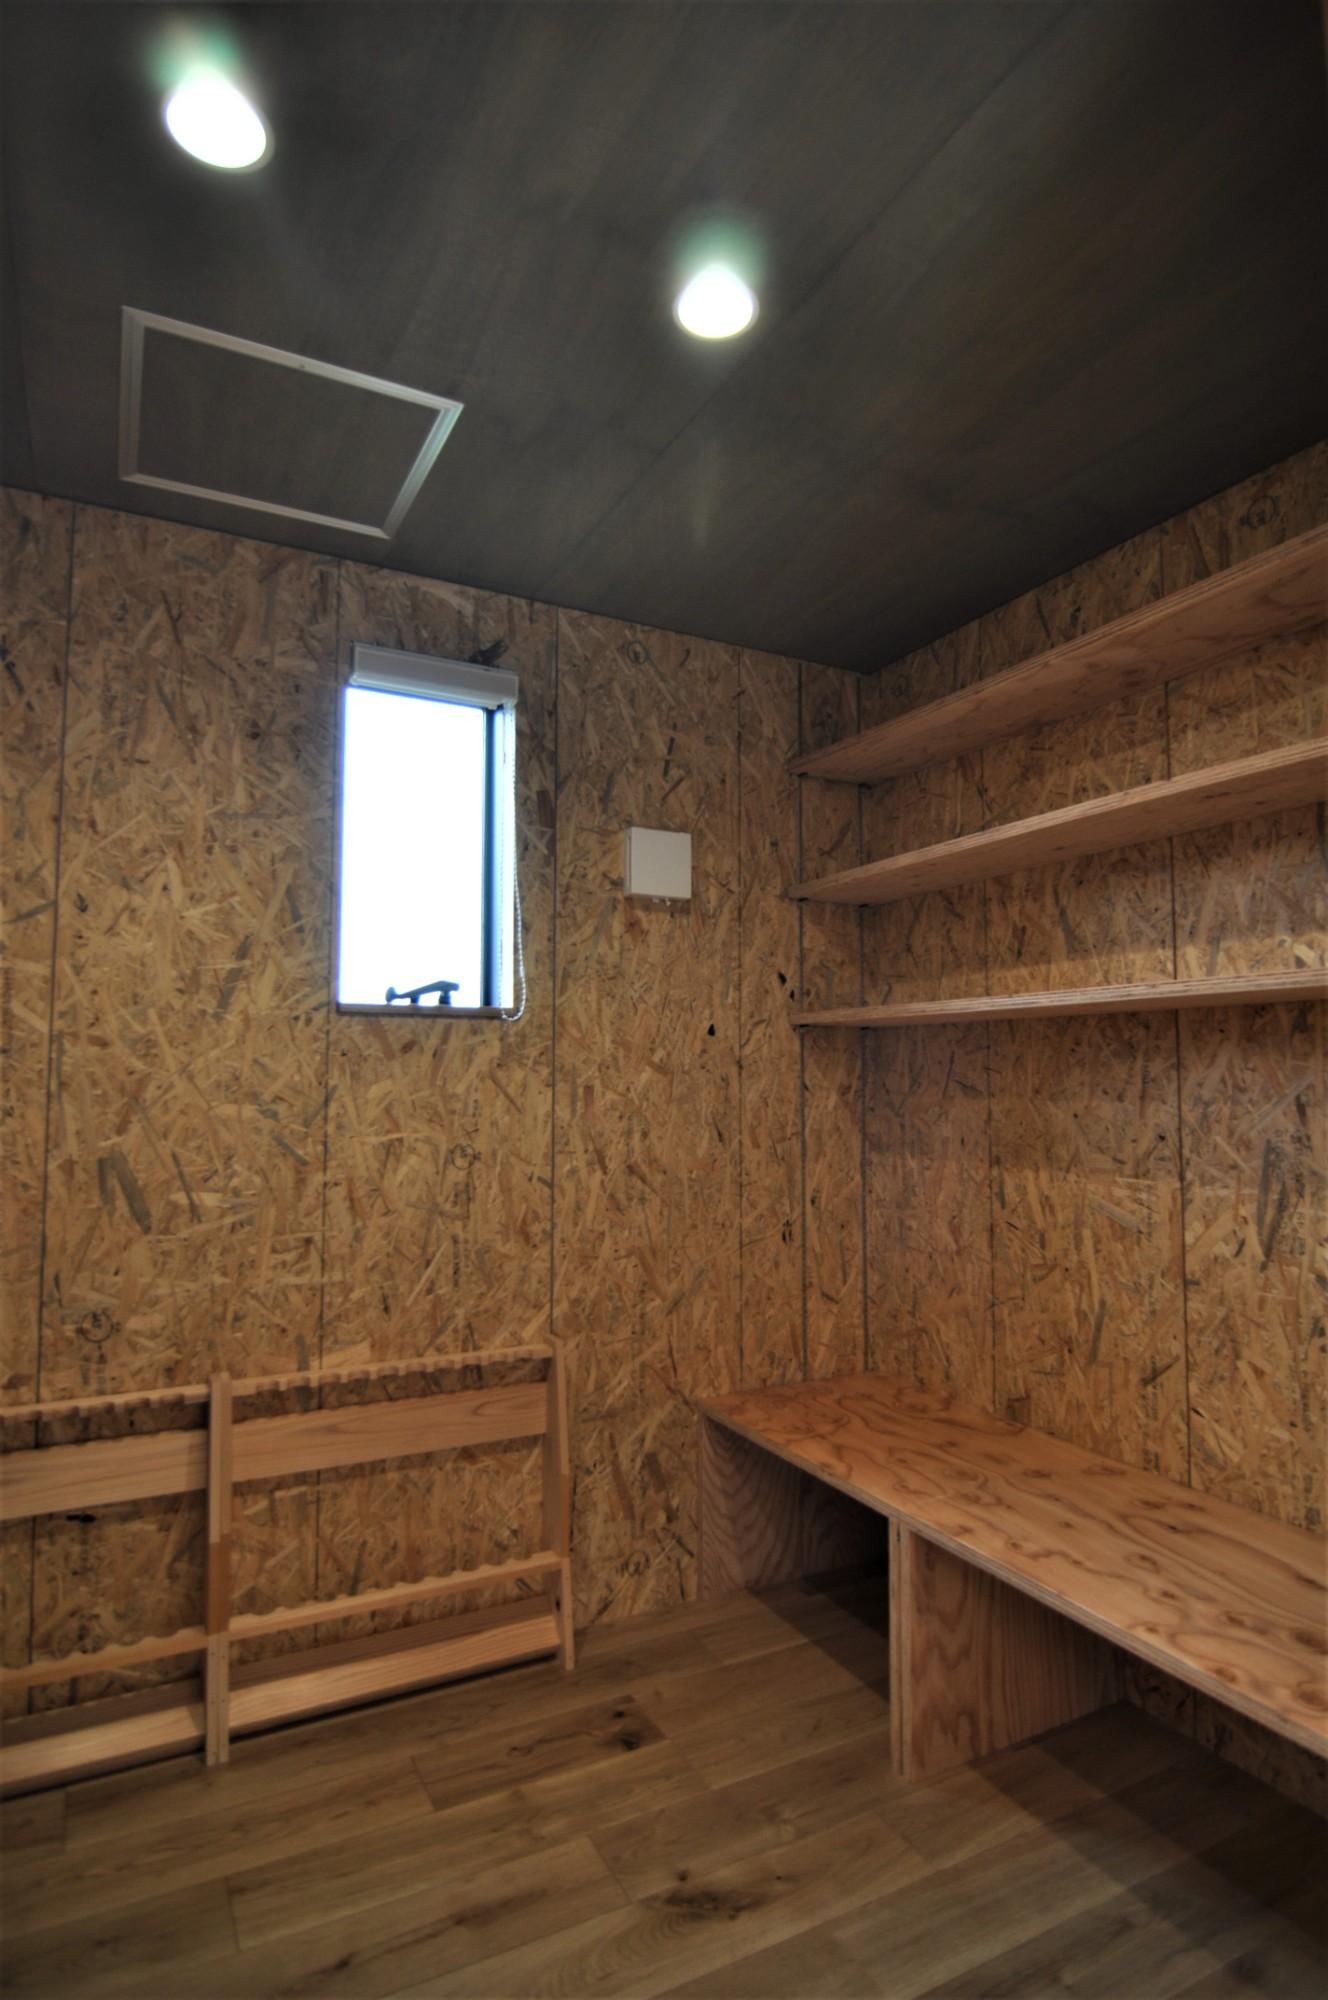 有限会社 市川建築店 1級建築士事務所「オーク床とエッグウォールの調湿住宅(認定低炭素住宅)」のインダストリアル・ブルックリンスタイルな居室の実例写真